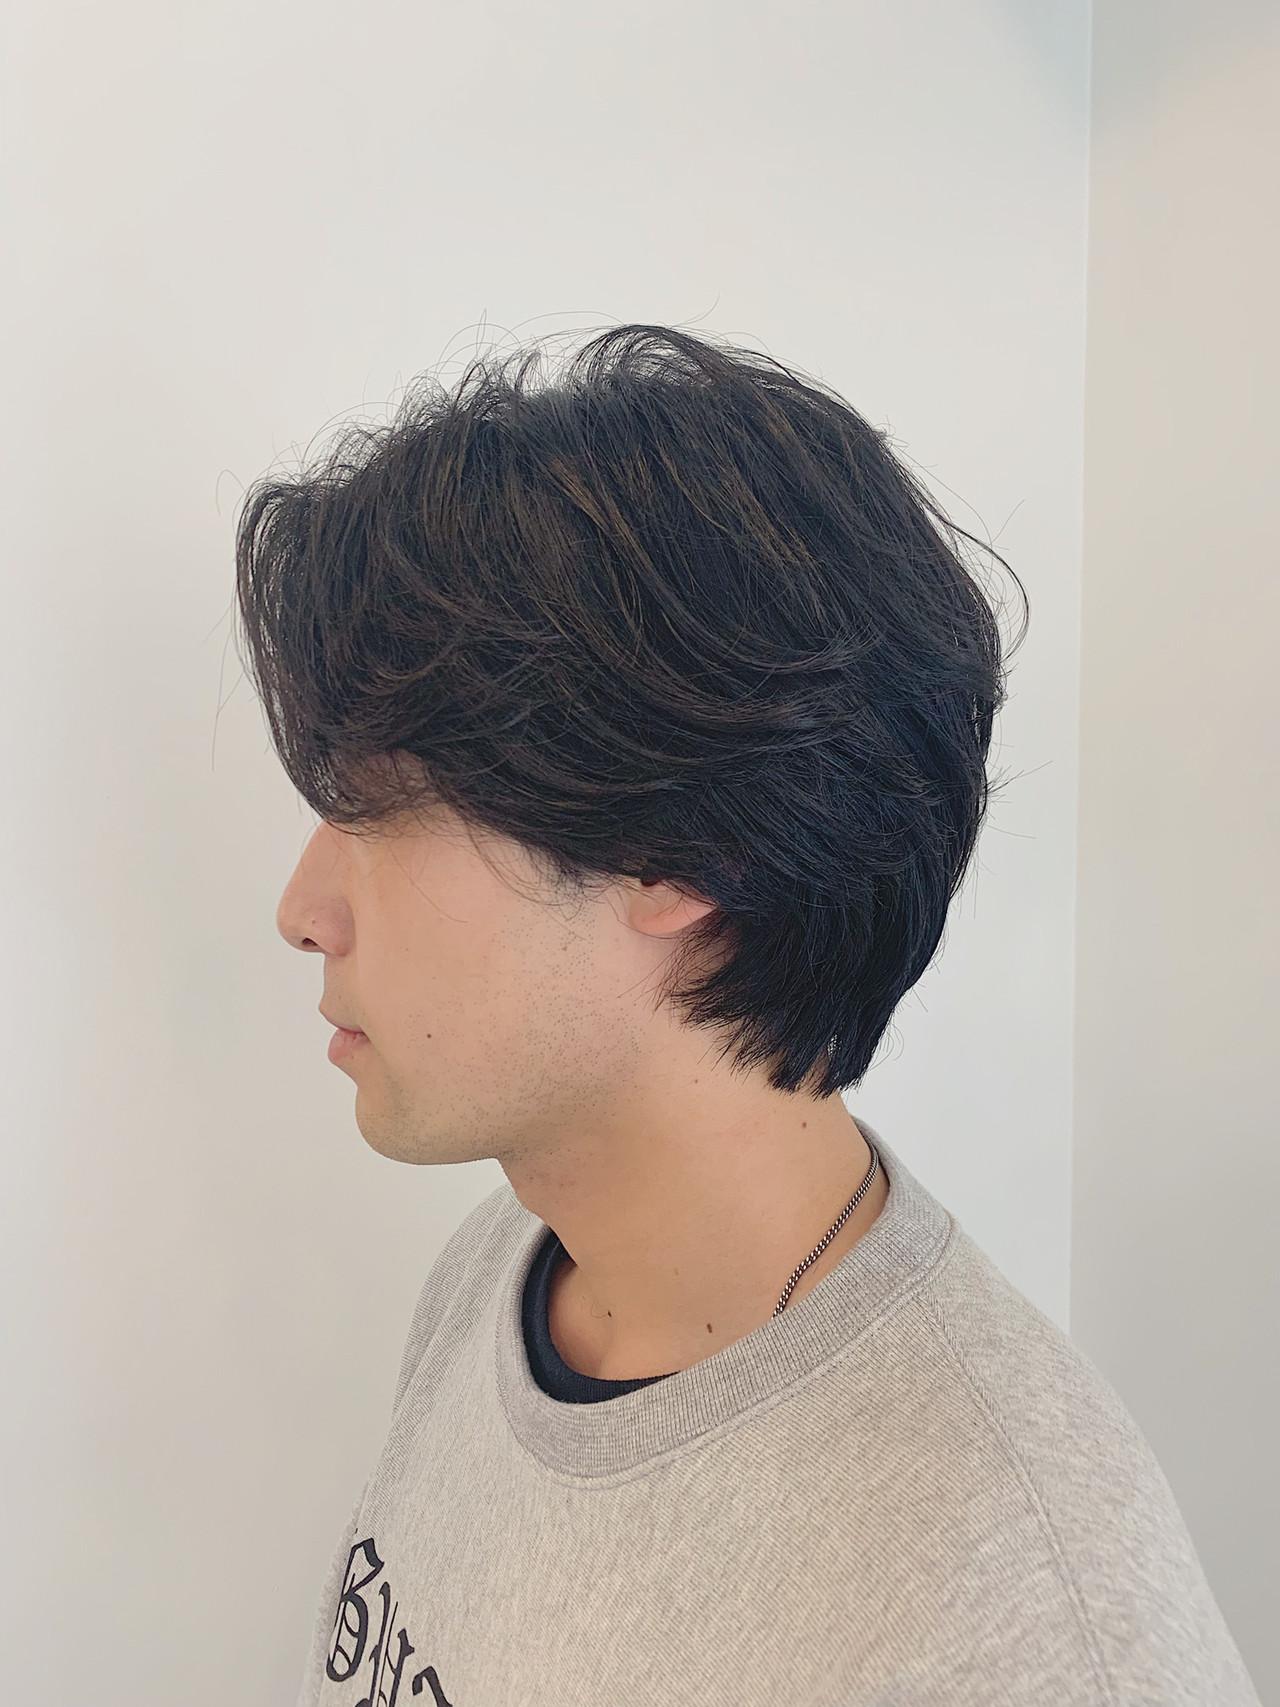 ナチュラル ショート メンズ メンズカジュアル ヘアスタイルや髪型の写真・画像 | 大内 雅斗 / DATE by Alan Smithee